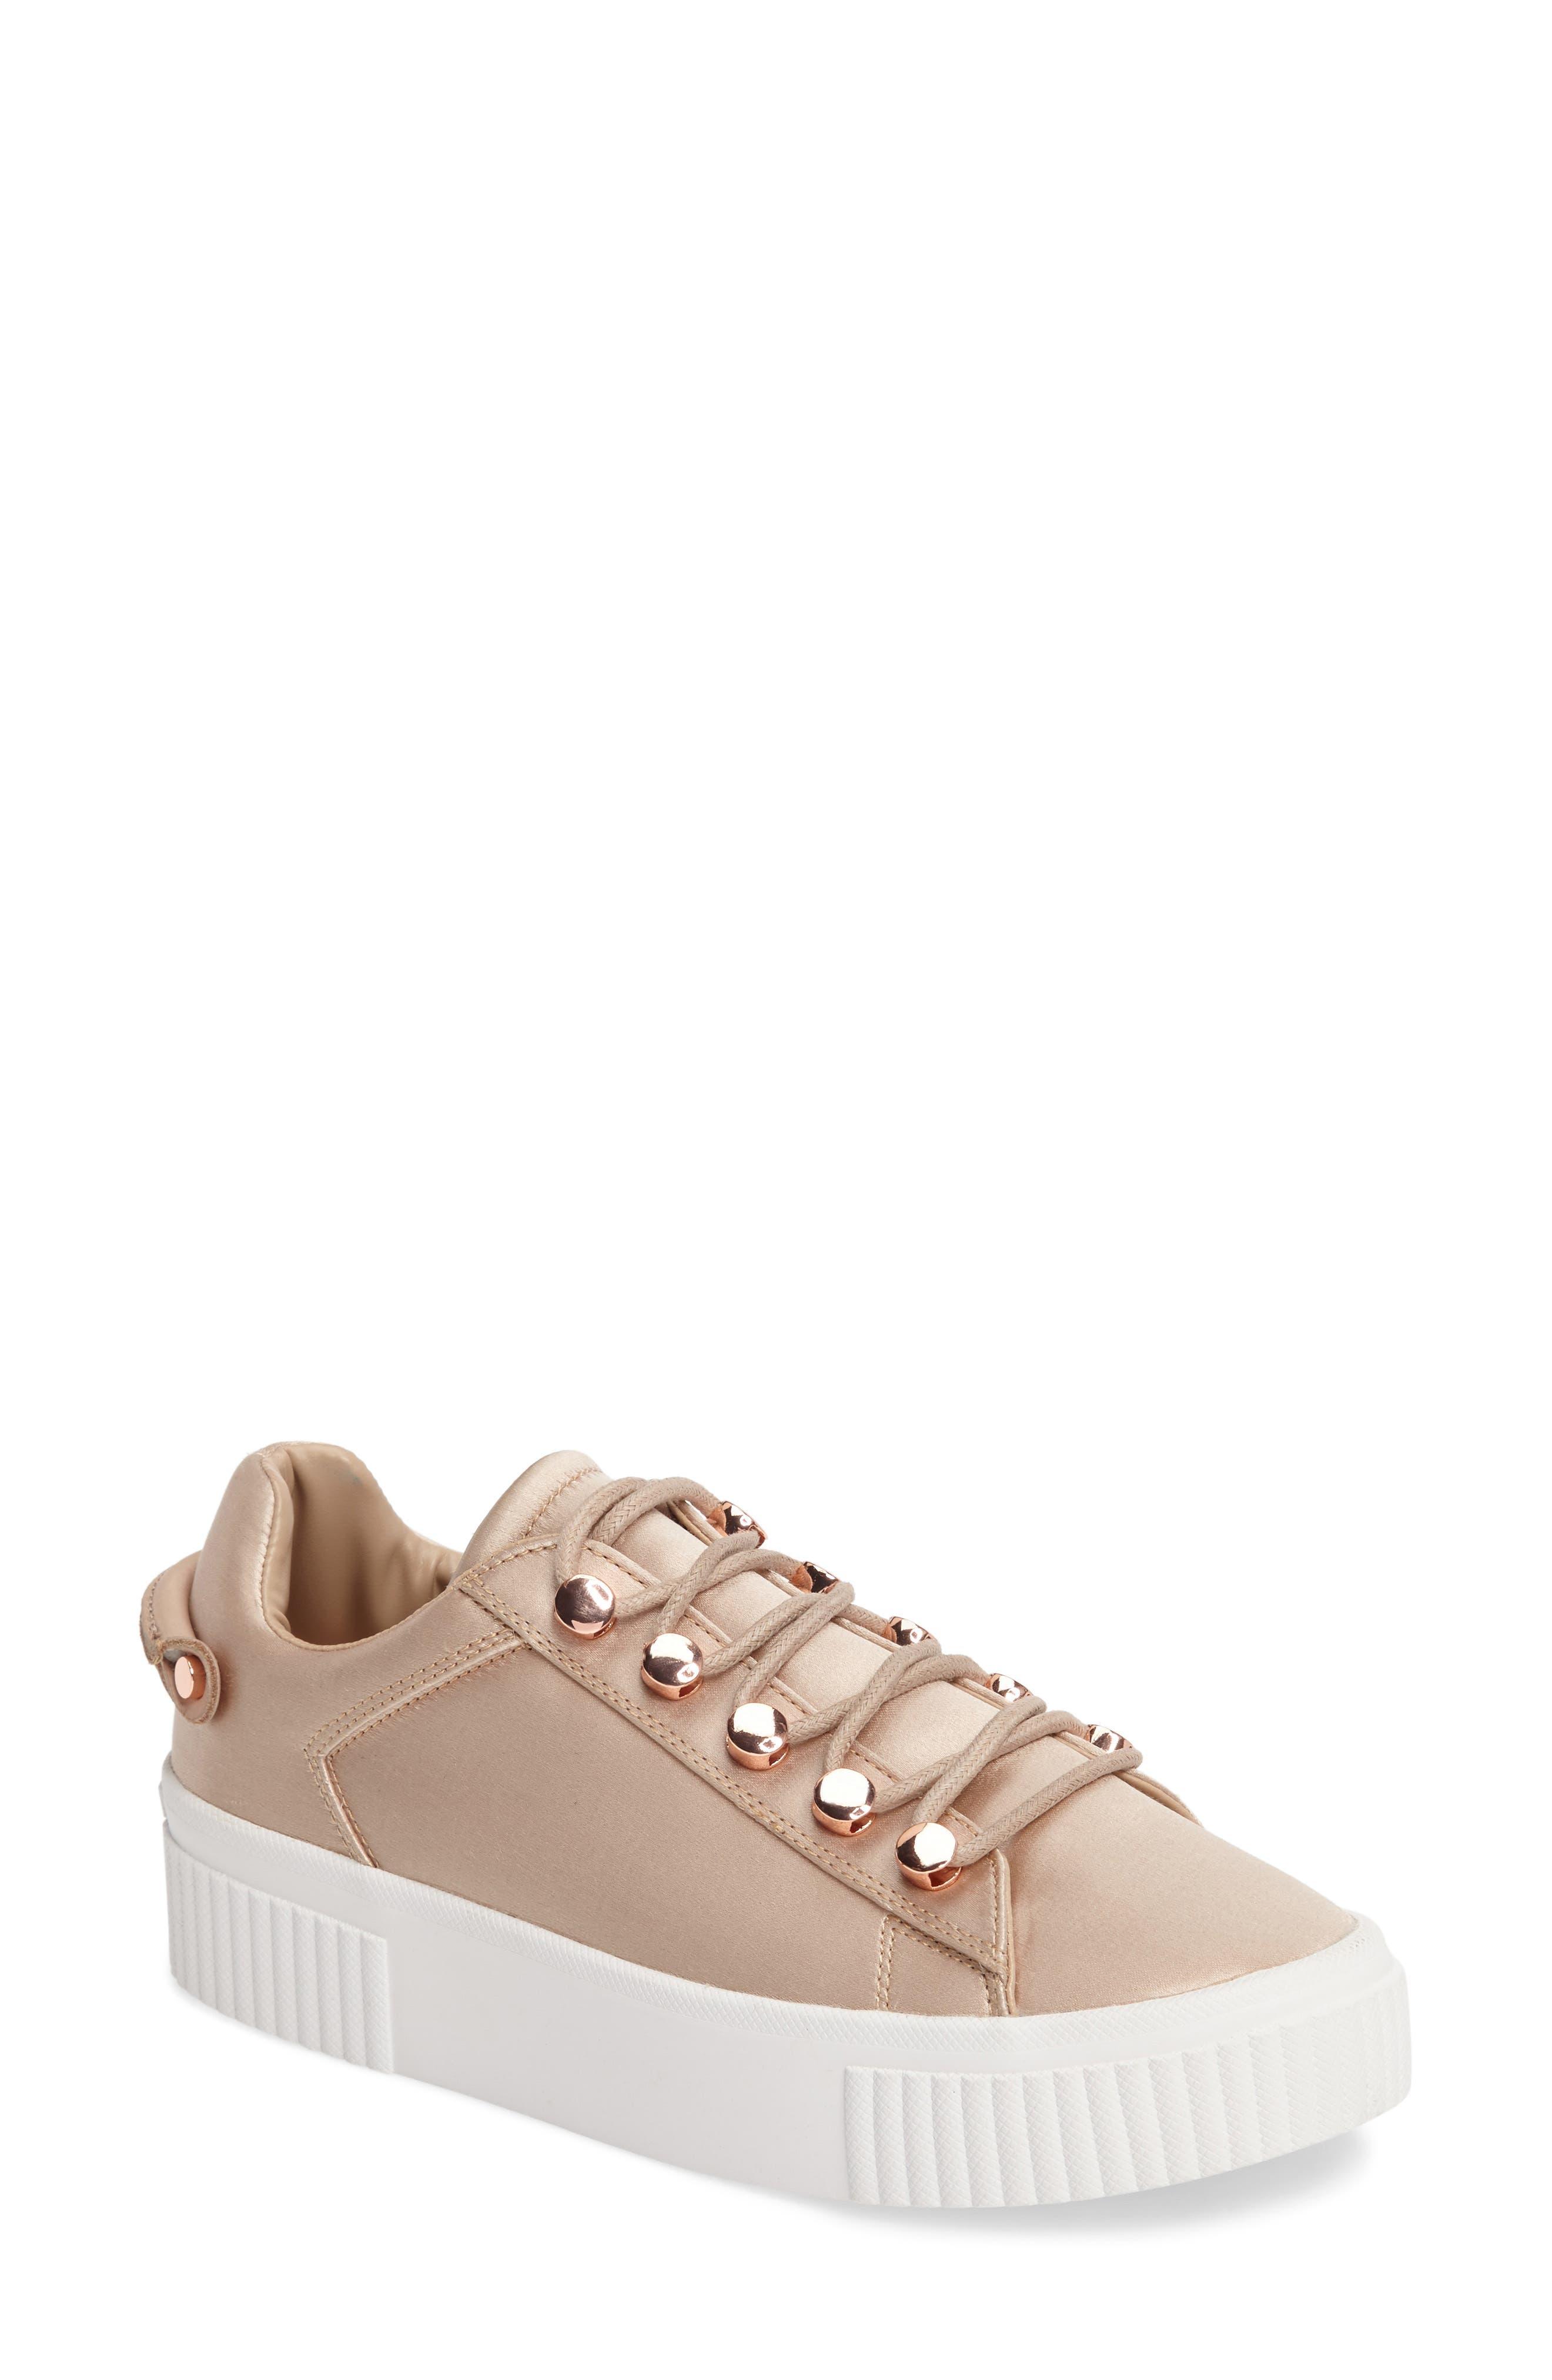 Rae 3 Platform Sneaker,                         Main,                         color, 683